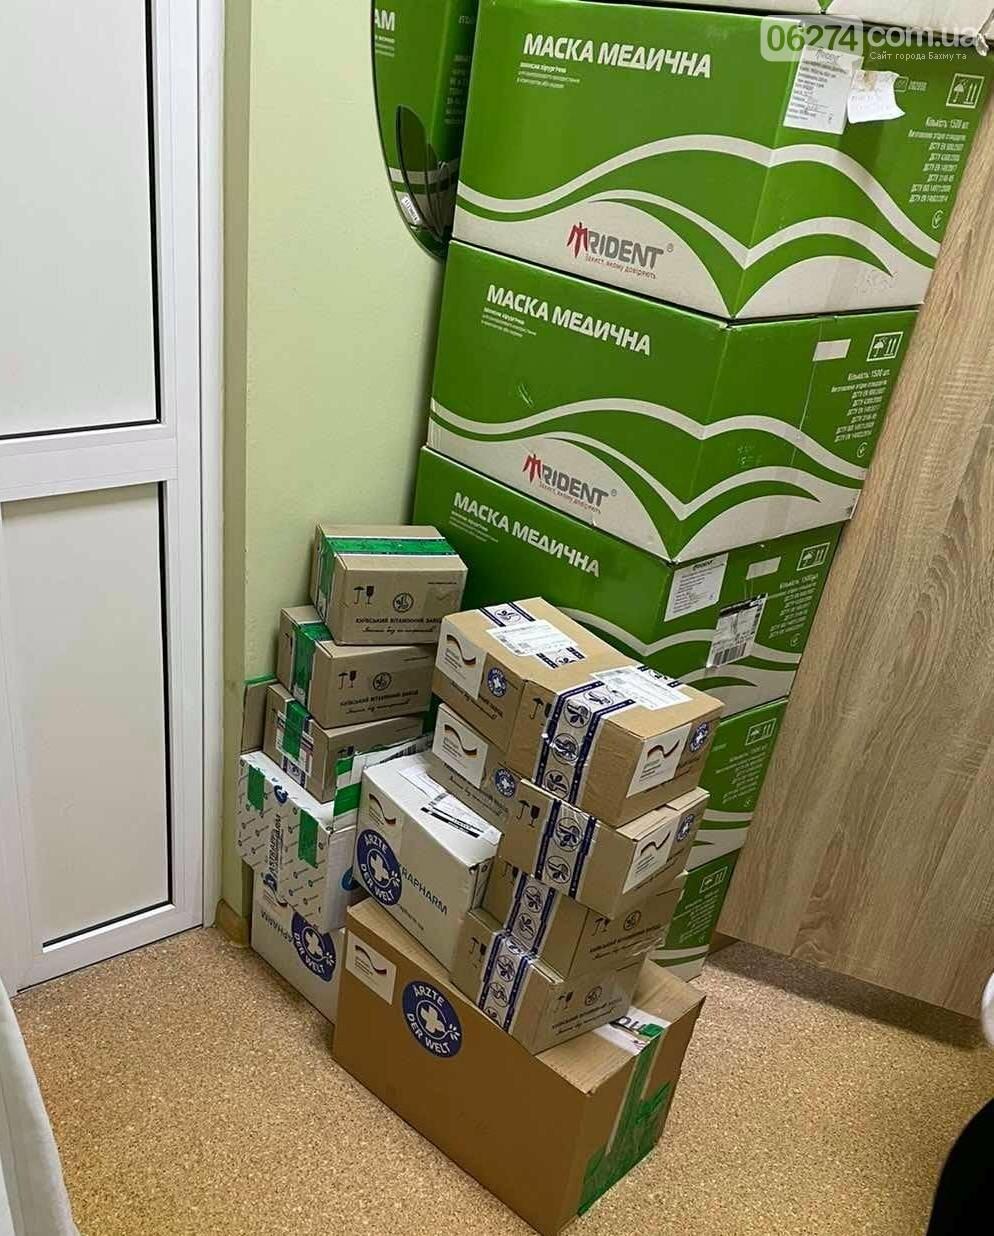 Бахмутская больница получила гуманитарную помощь для психиатрической помощи населению, фото-2